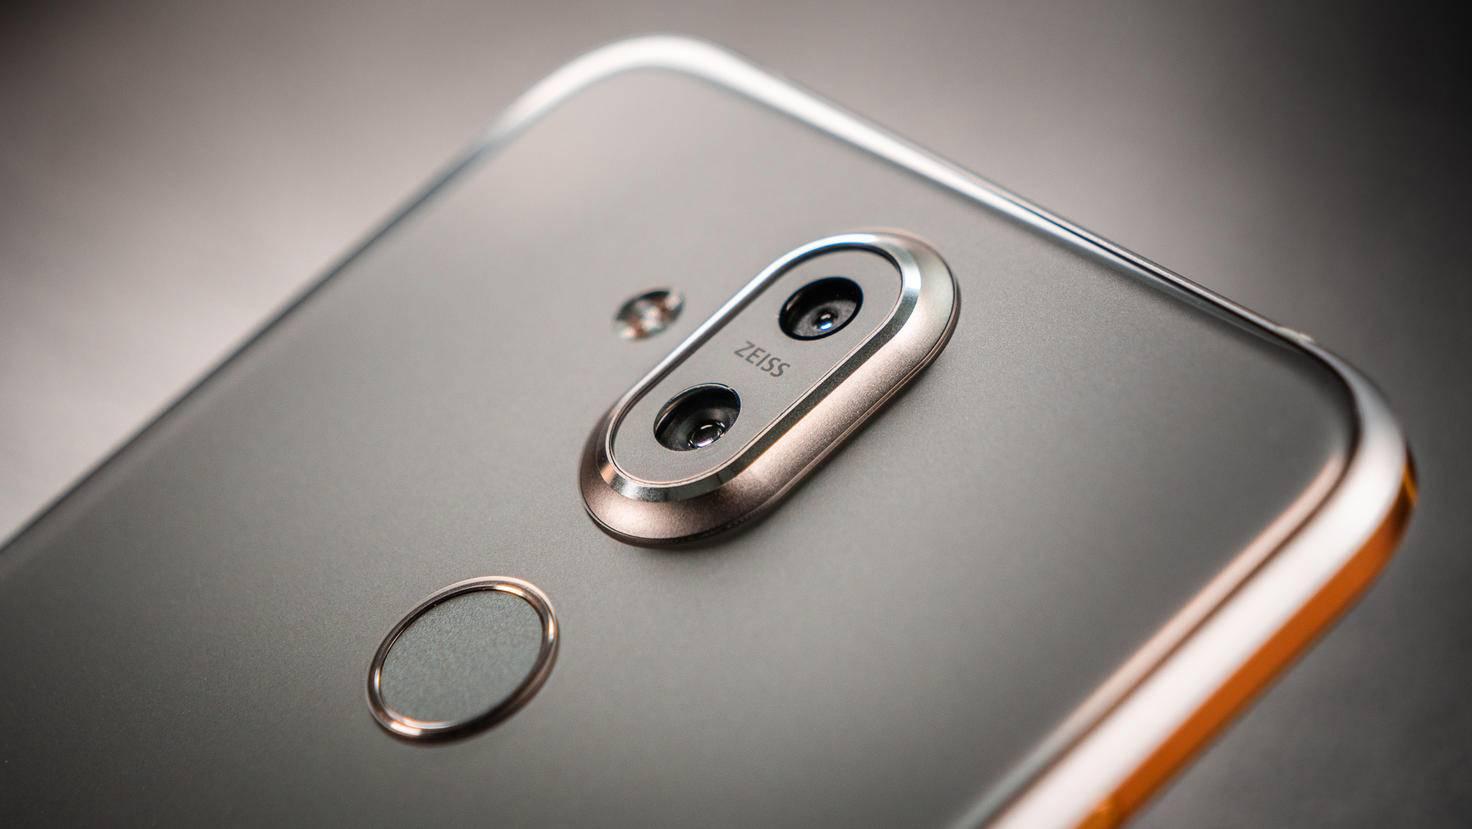 Die Hauptkamera bietet eine optische Bildstabilisierung.